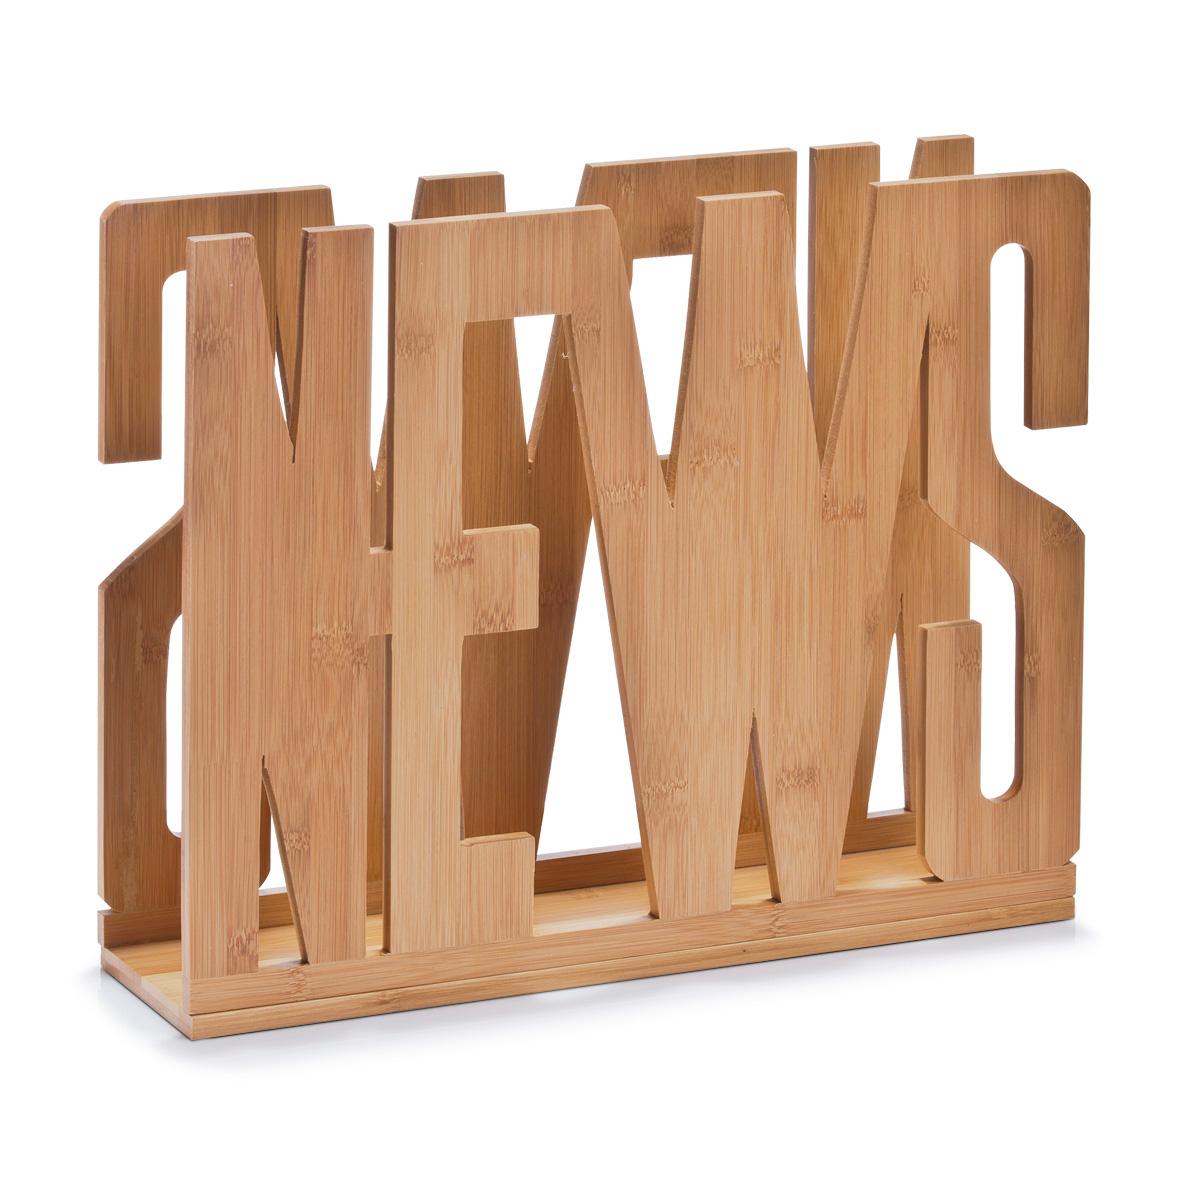 Zeitungsständer Holz Anleitung ~ Copyright © 1995 2016 eBay Inc Alle Rechte vorbehalten eBay AGB